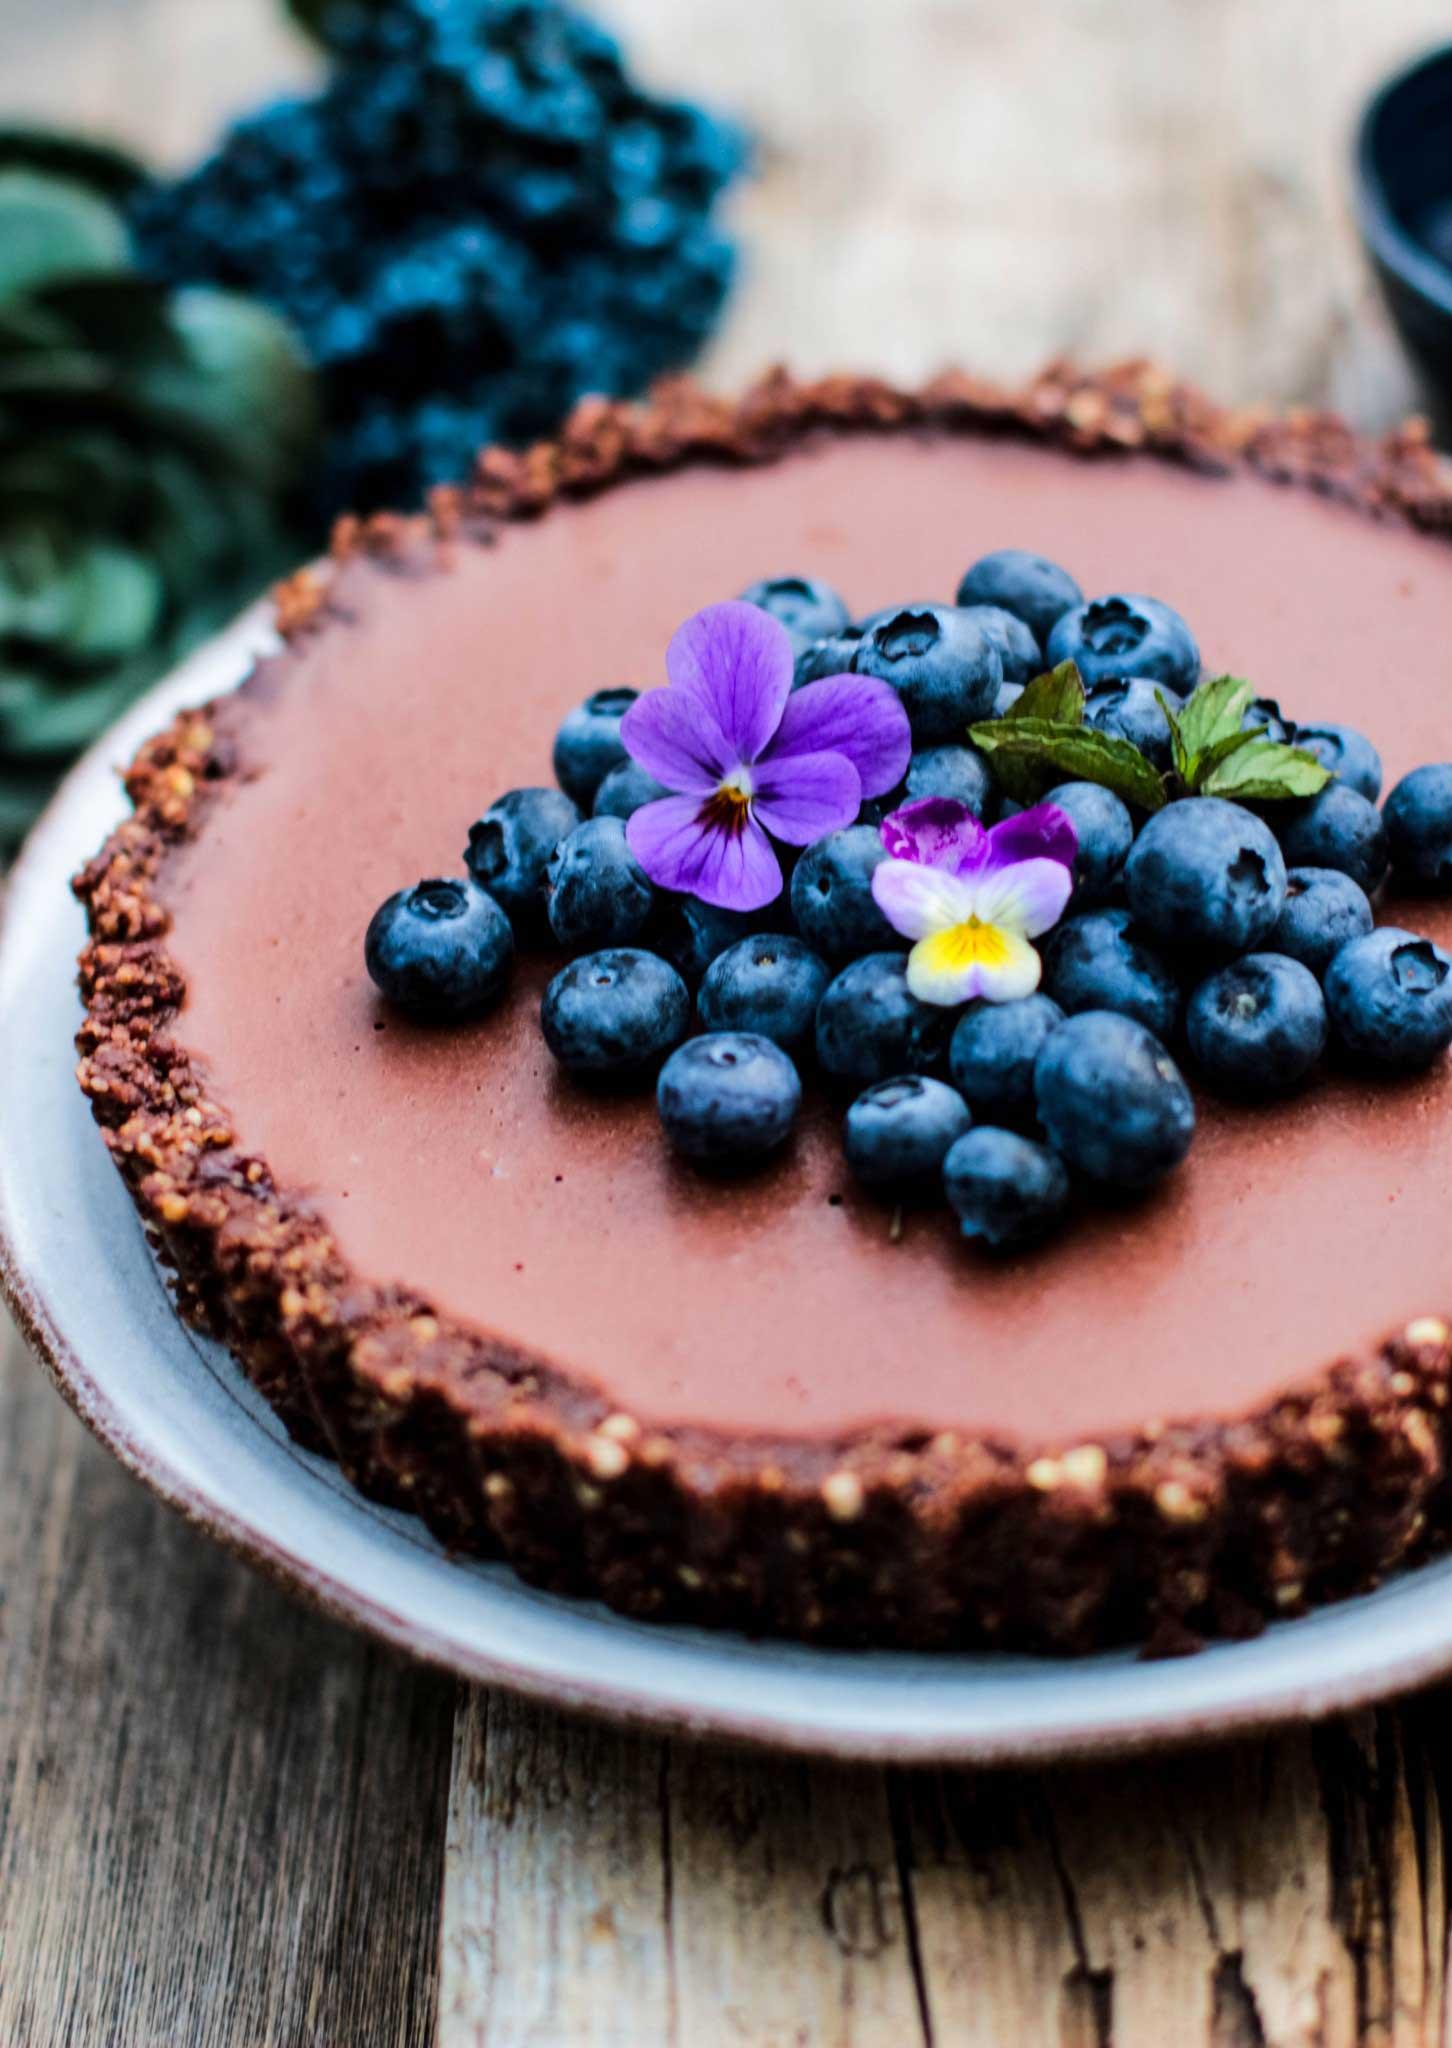 Chocolate ganache tart vegan gluten free